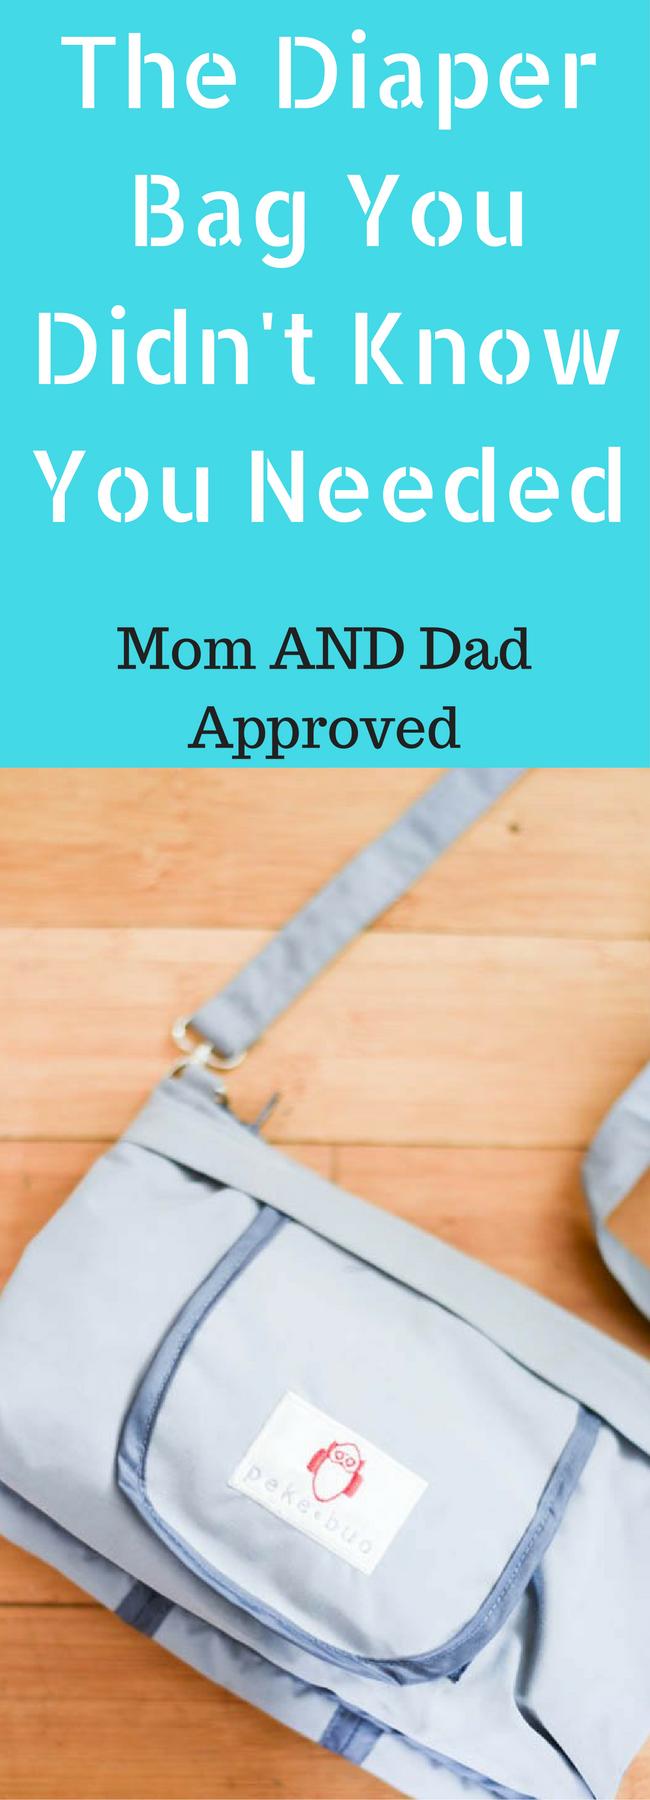 Peke-Buo Diaper Bag / Diaper Bag / Best Diaper Bags / Diaper Bags for Dads / Compact Diaper Bags / Minimalist baby / Baby Discounts